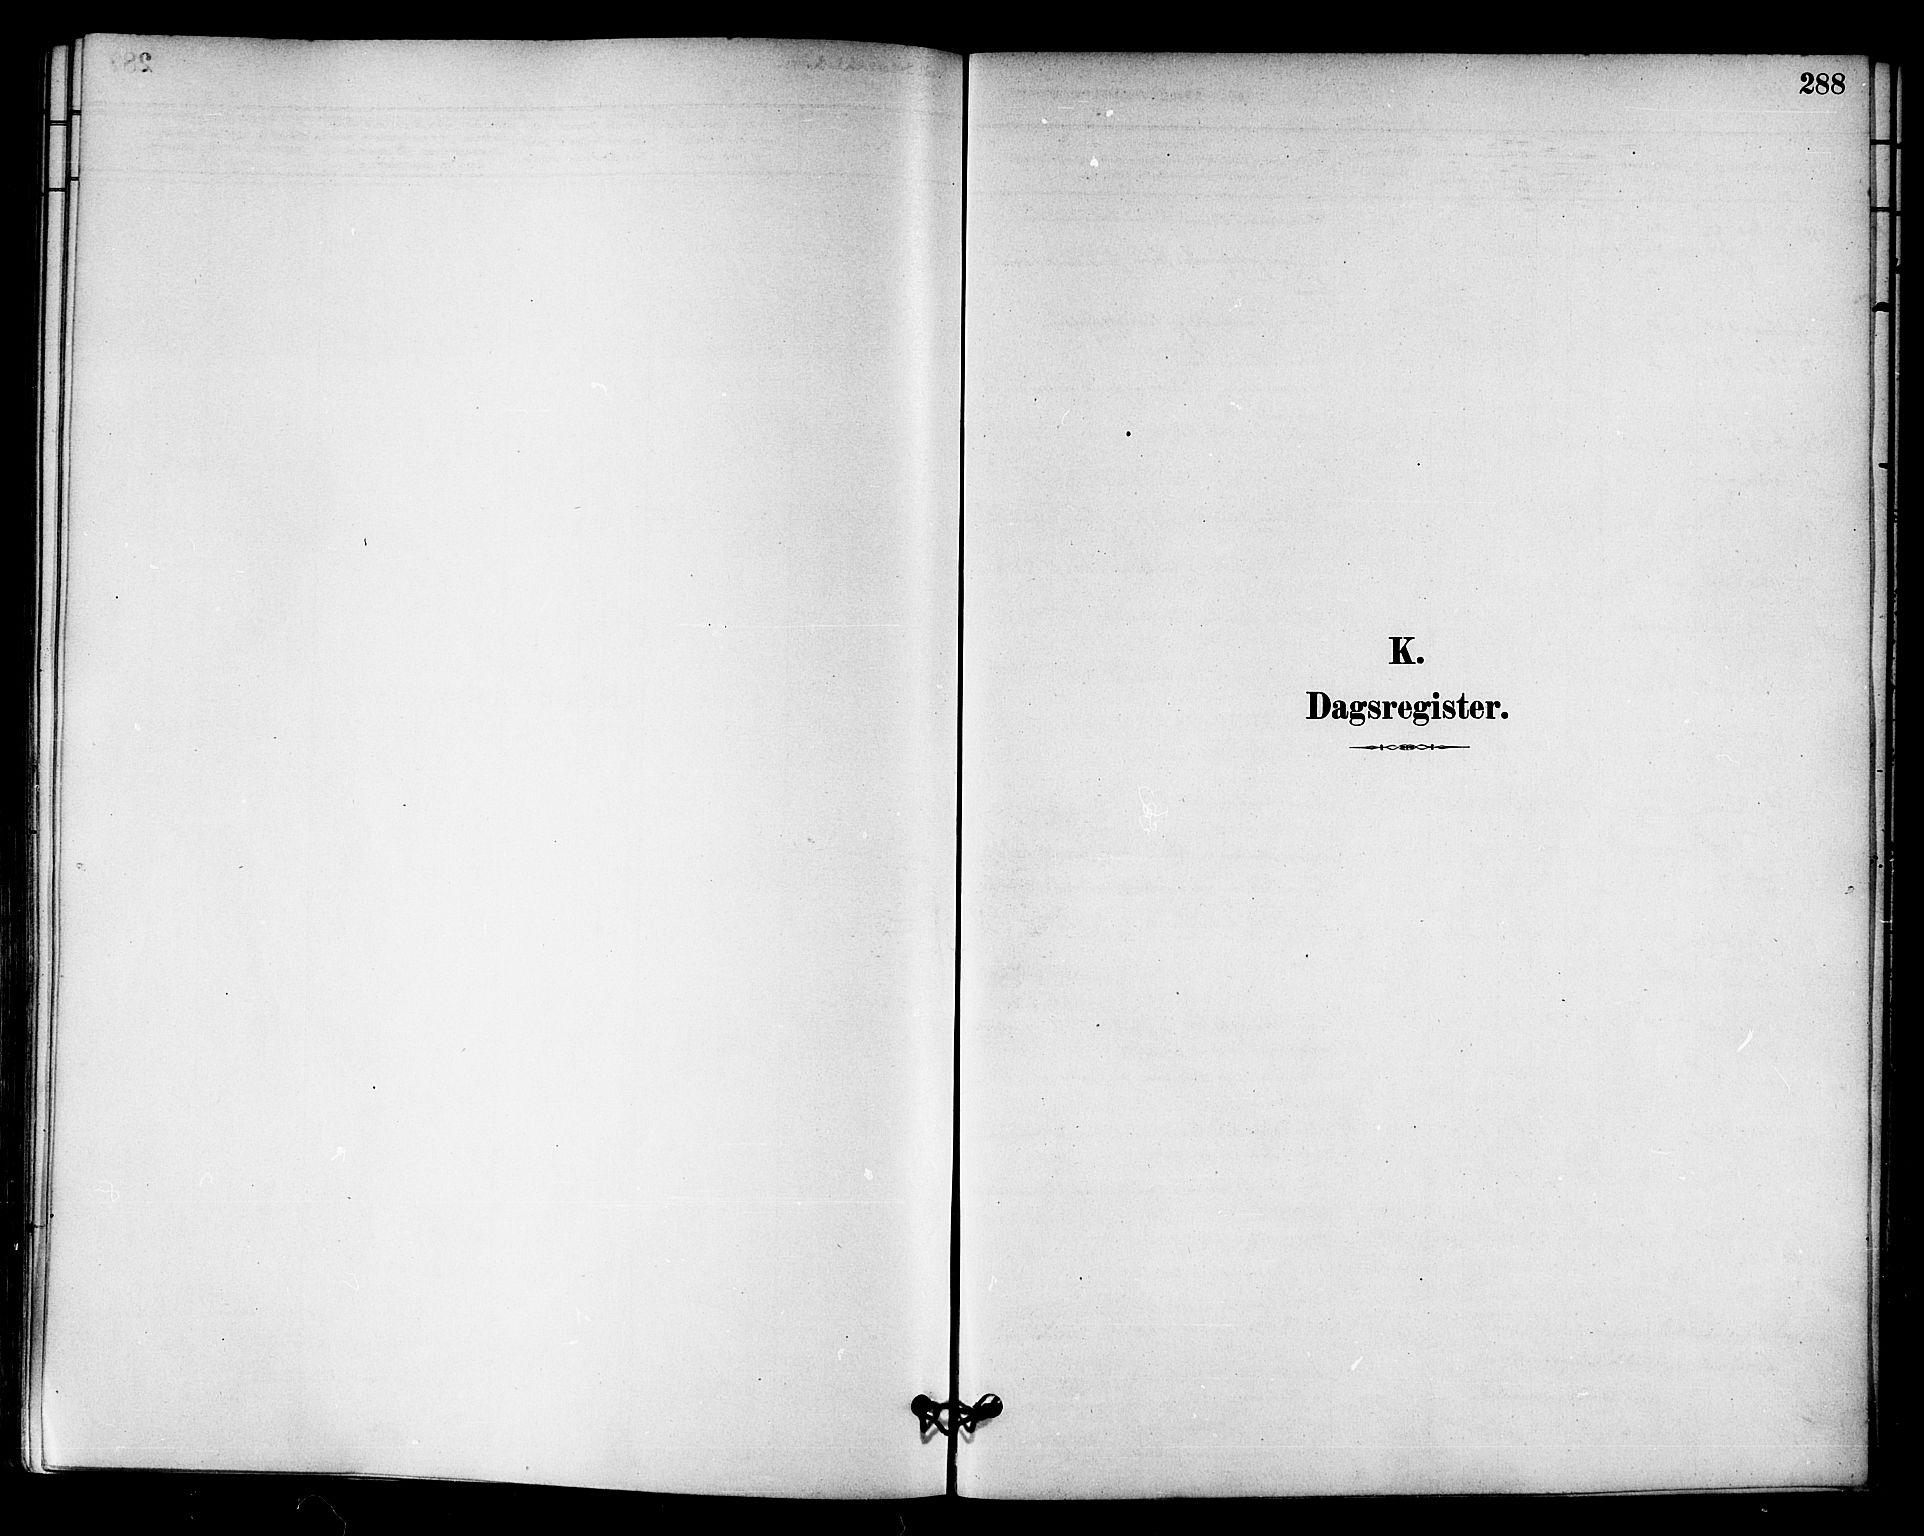 SAT, Ministerialprotokoller, klokkerbøker og fødselsregistre - Sør-Trøndelag, 655/L0680: Ministerialbok nr. 655A09, 1880-1894, s. 288